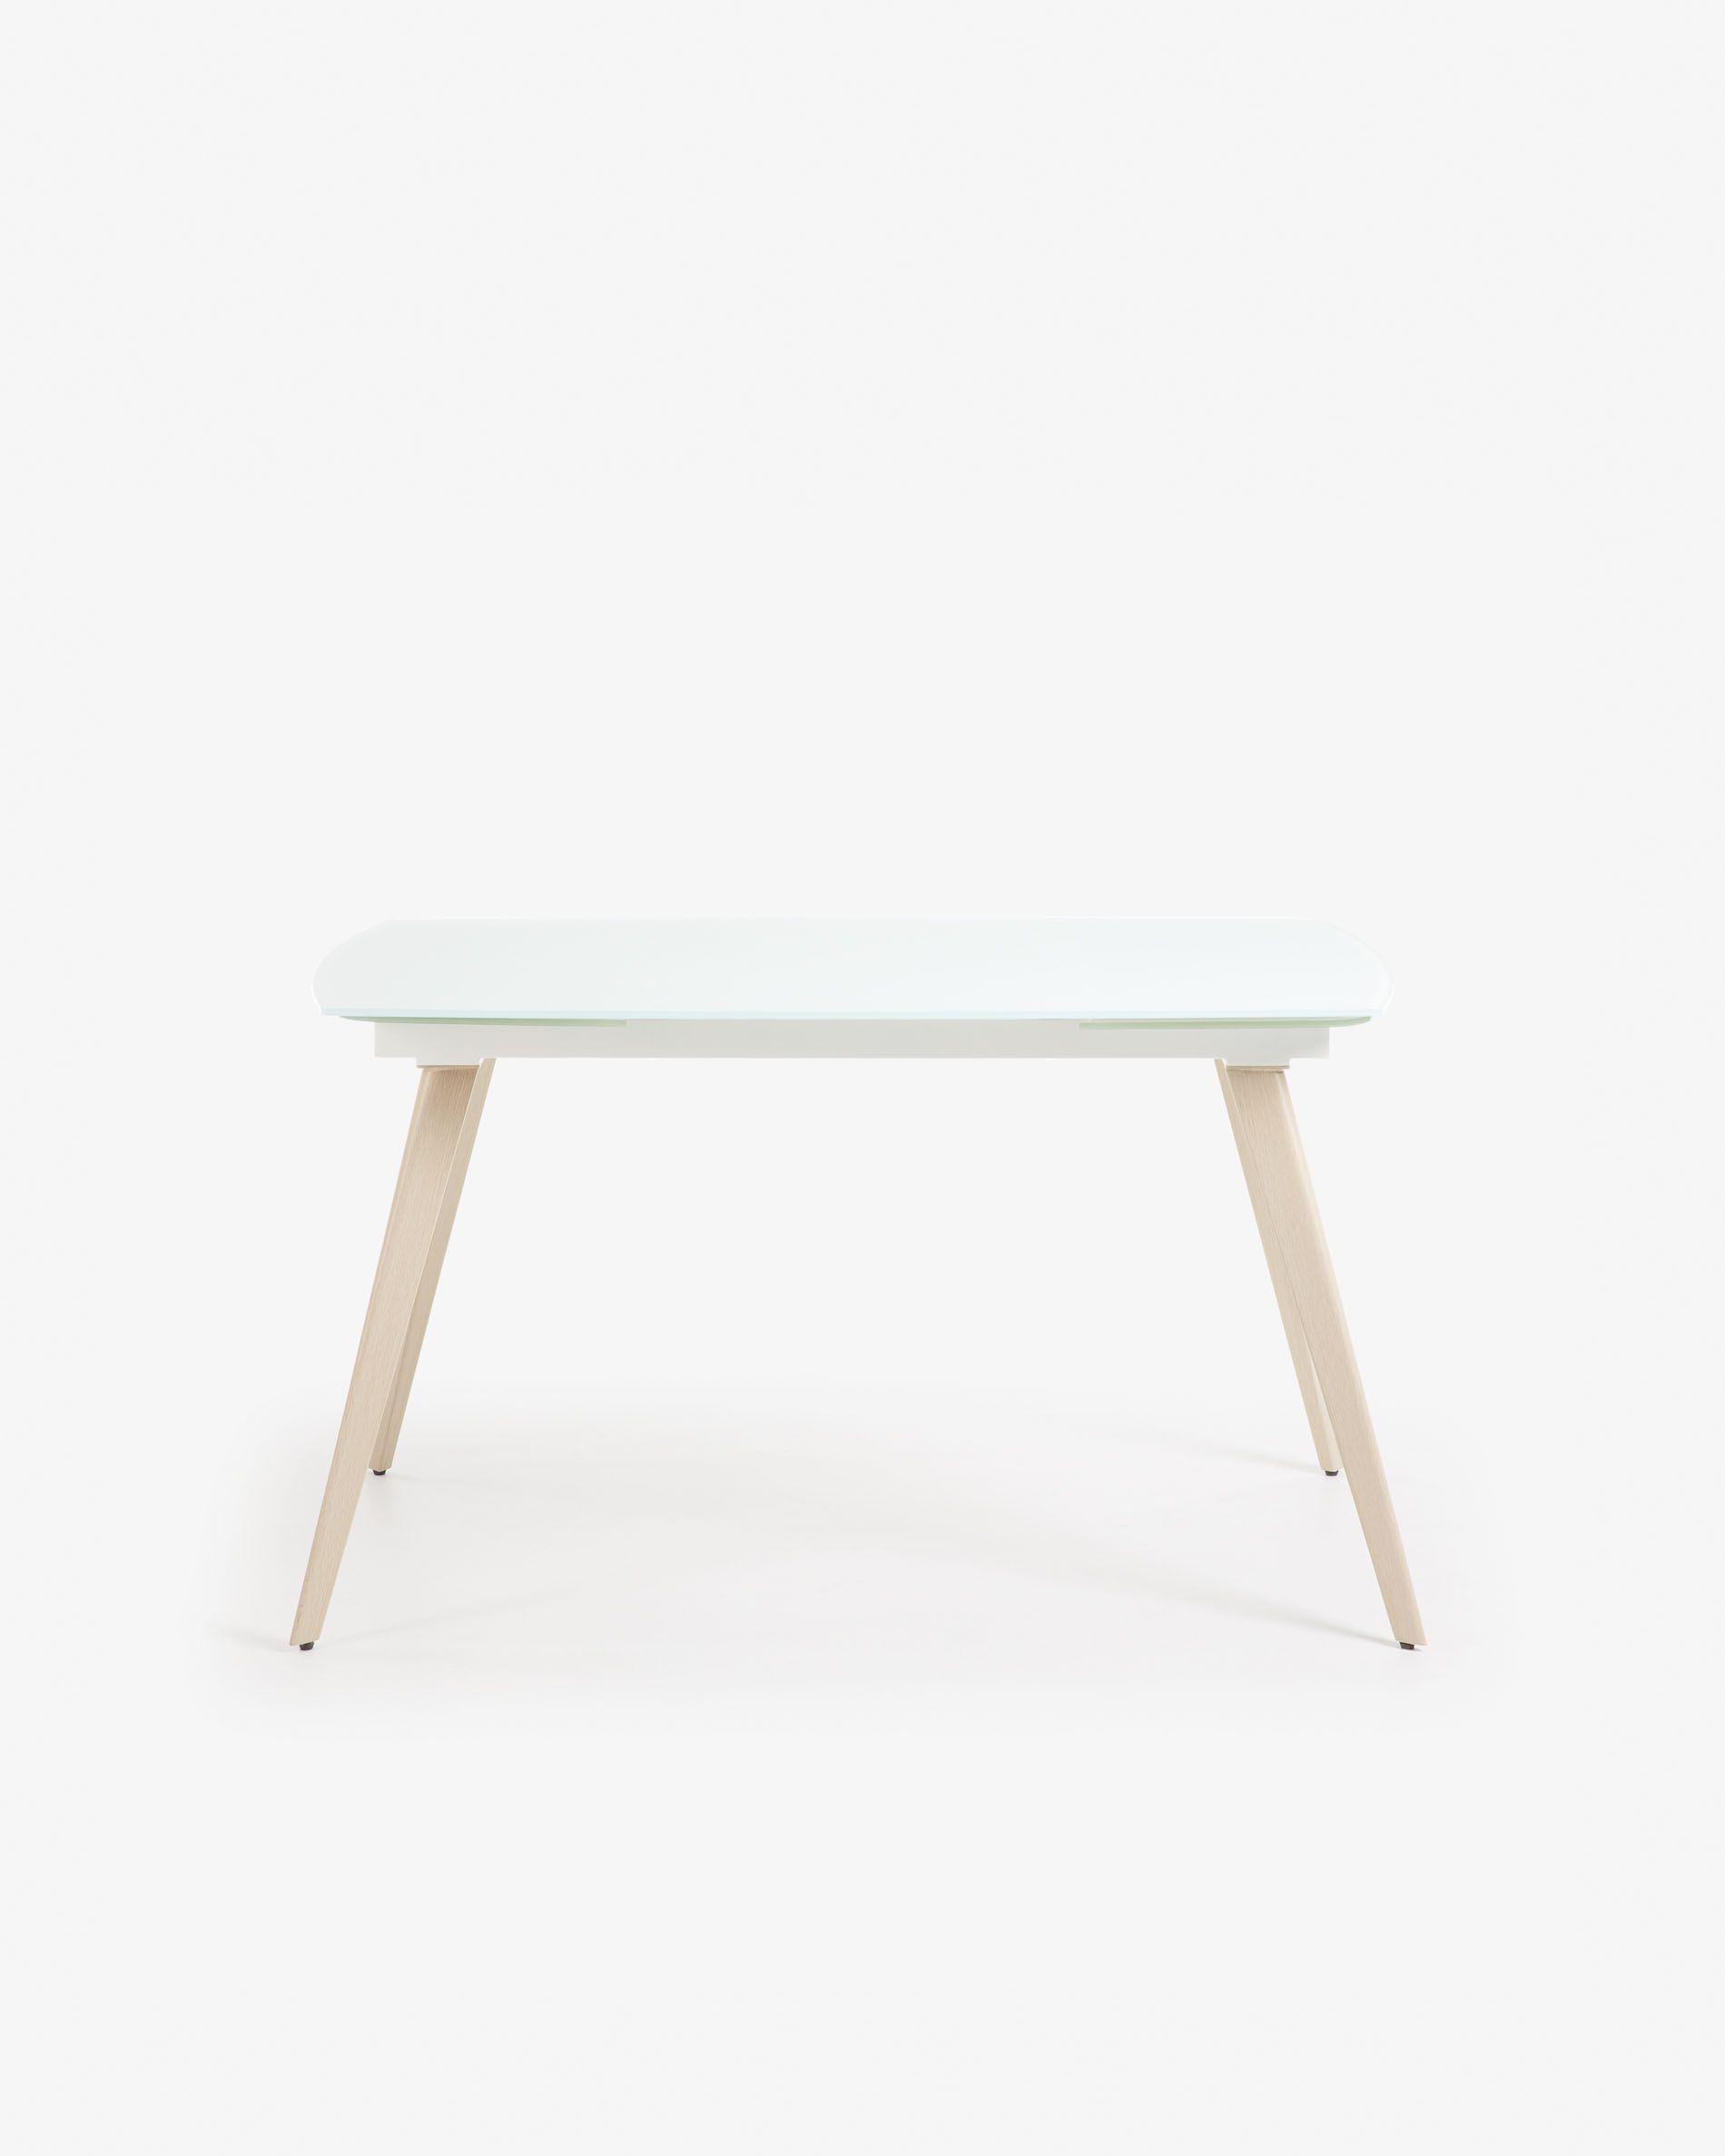 Table Extensible Exterieur Nouveau Table Extensible Smoth 120 180 X 80 Cm Blanc